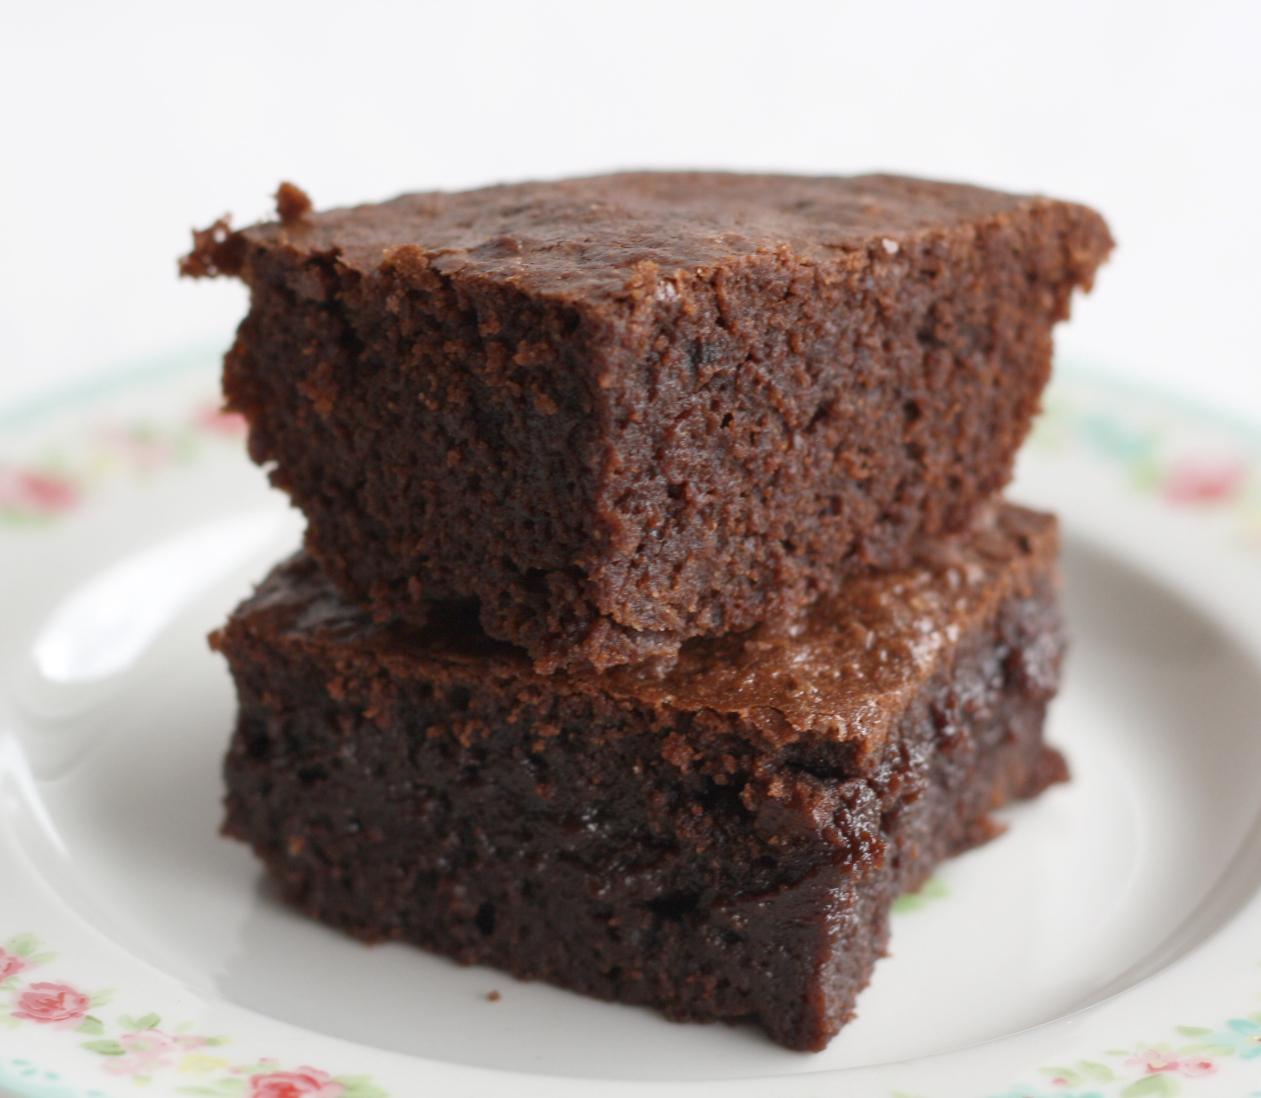 brownies die be...